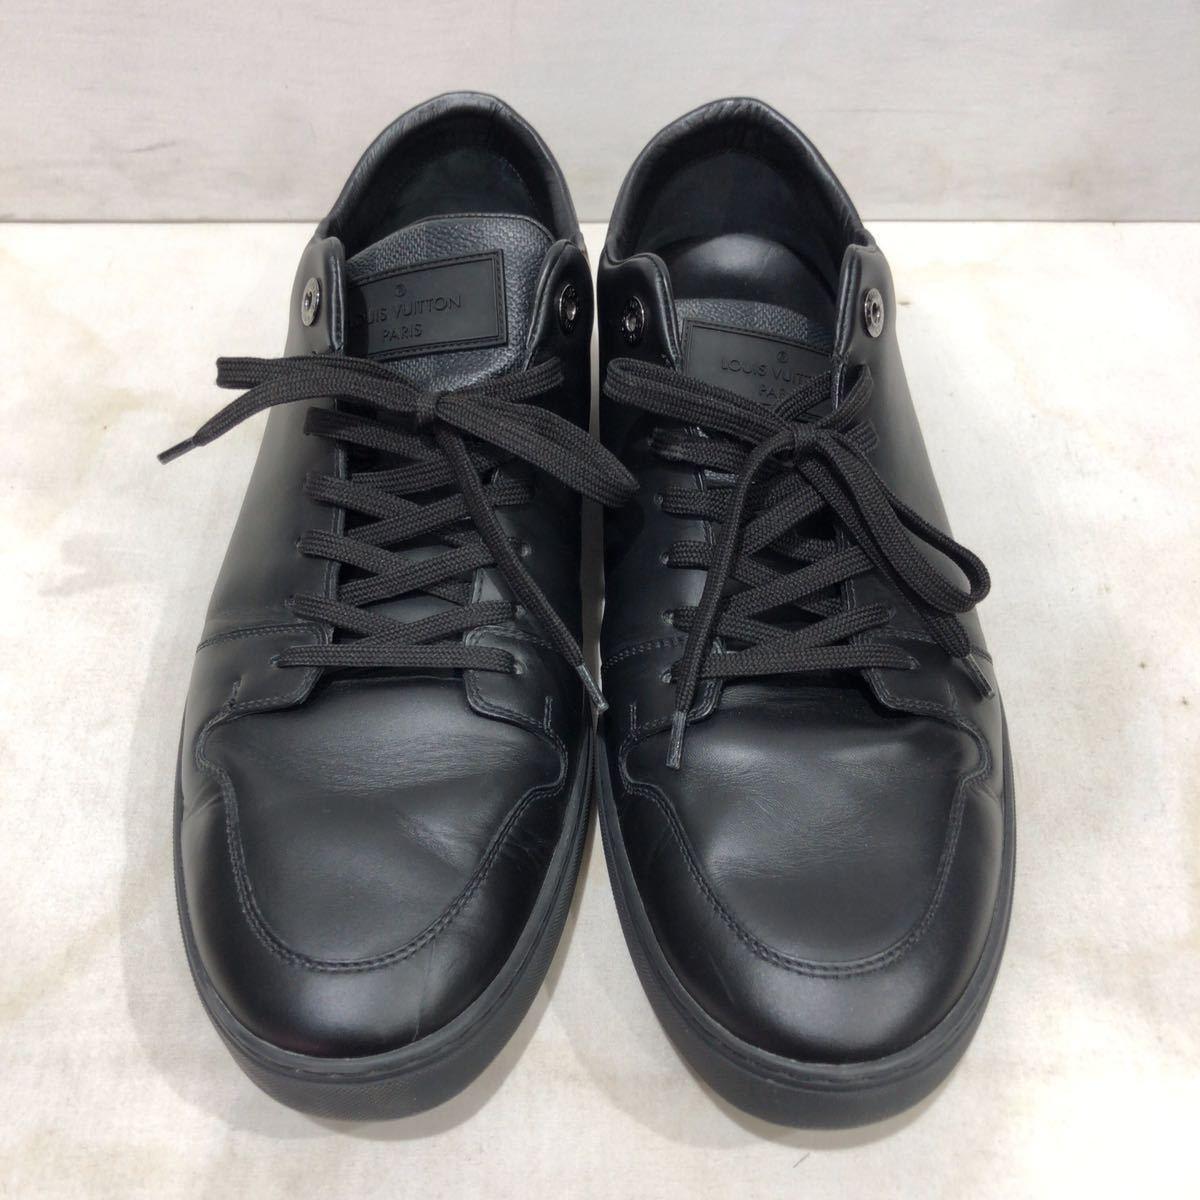 【LOUIS VUITTON】ローカットスニーカー ルイヴィトン ラインアップ ライン ダミエグラフィット レザー 靴 ブラック 黒 9 ts202109_画像2